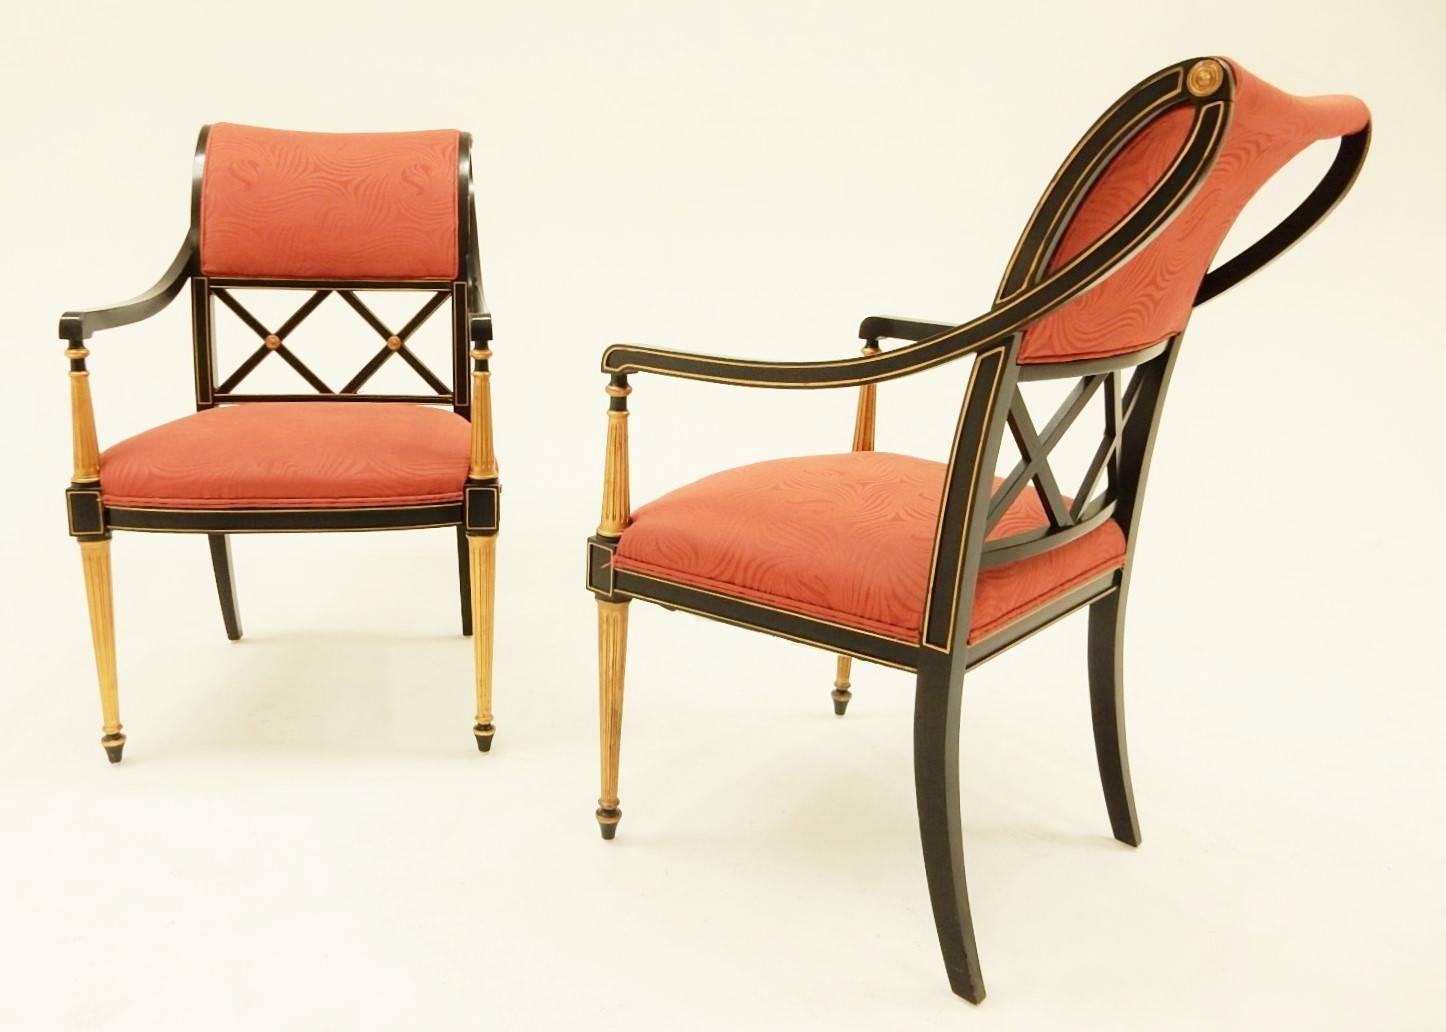 henredon chairs dining room small bedroom nursing chair set of 12 dorothy draper design for regency